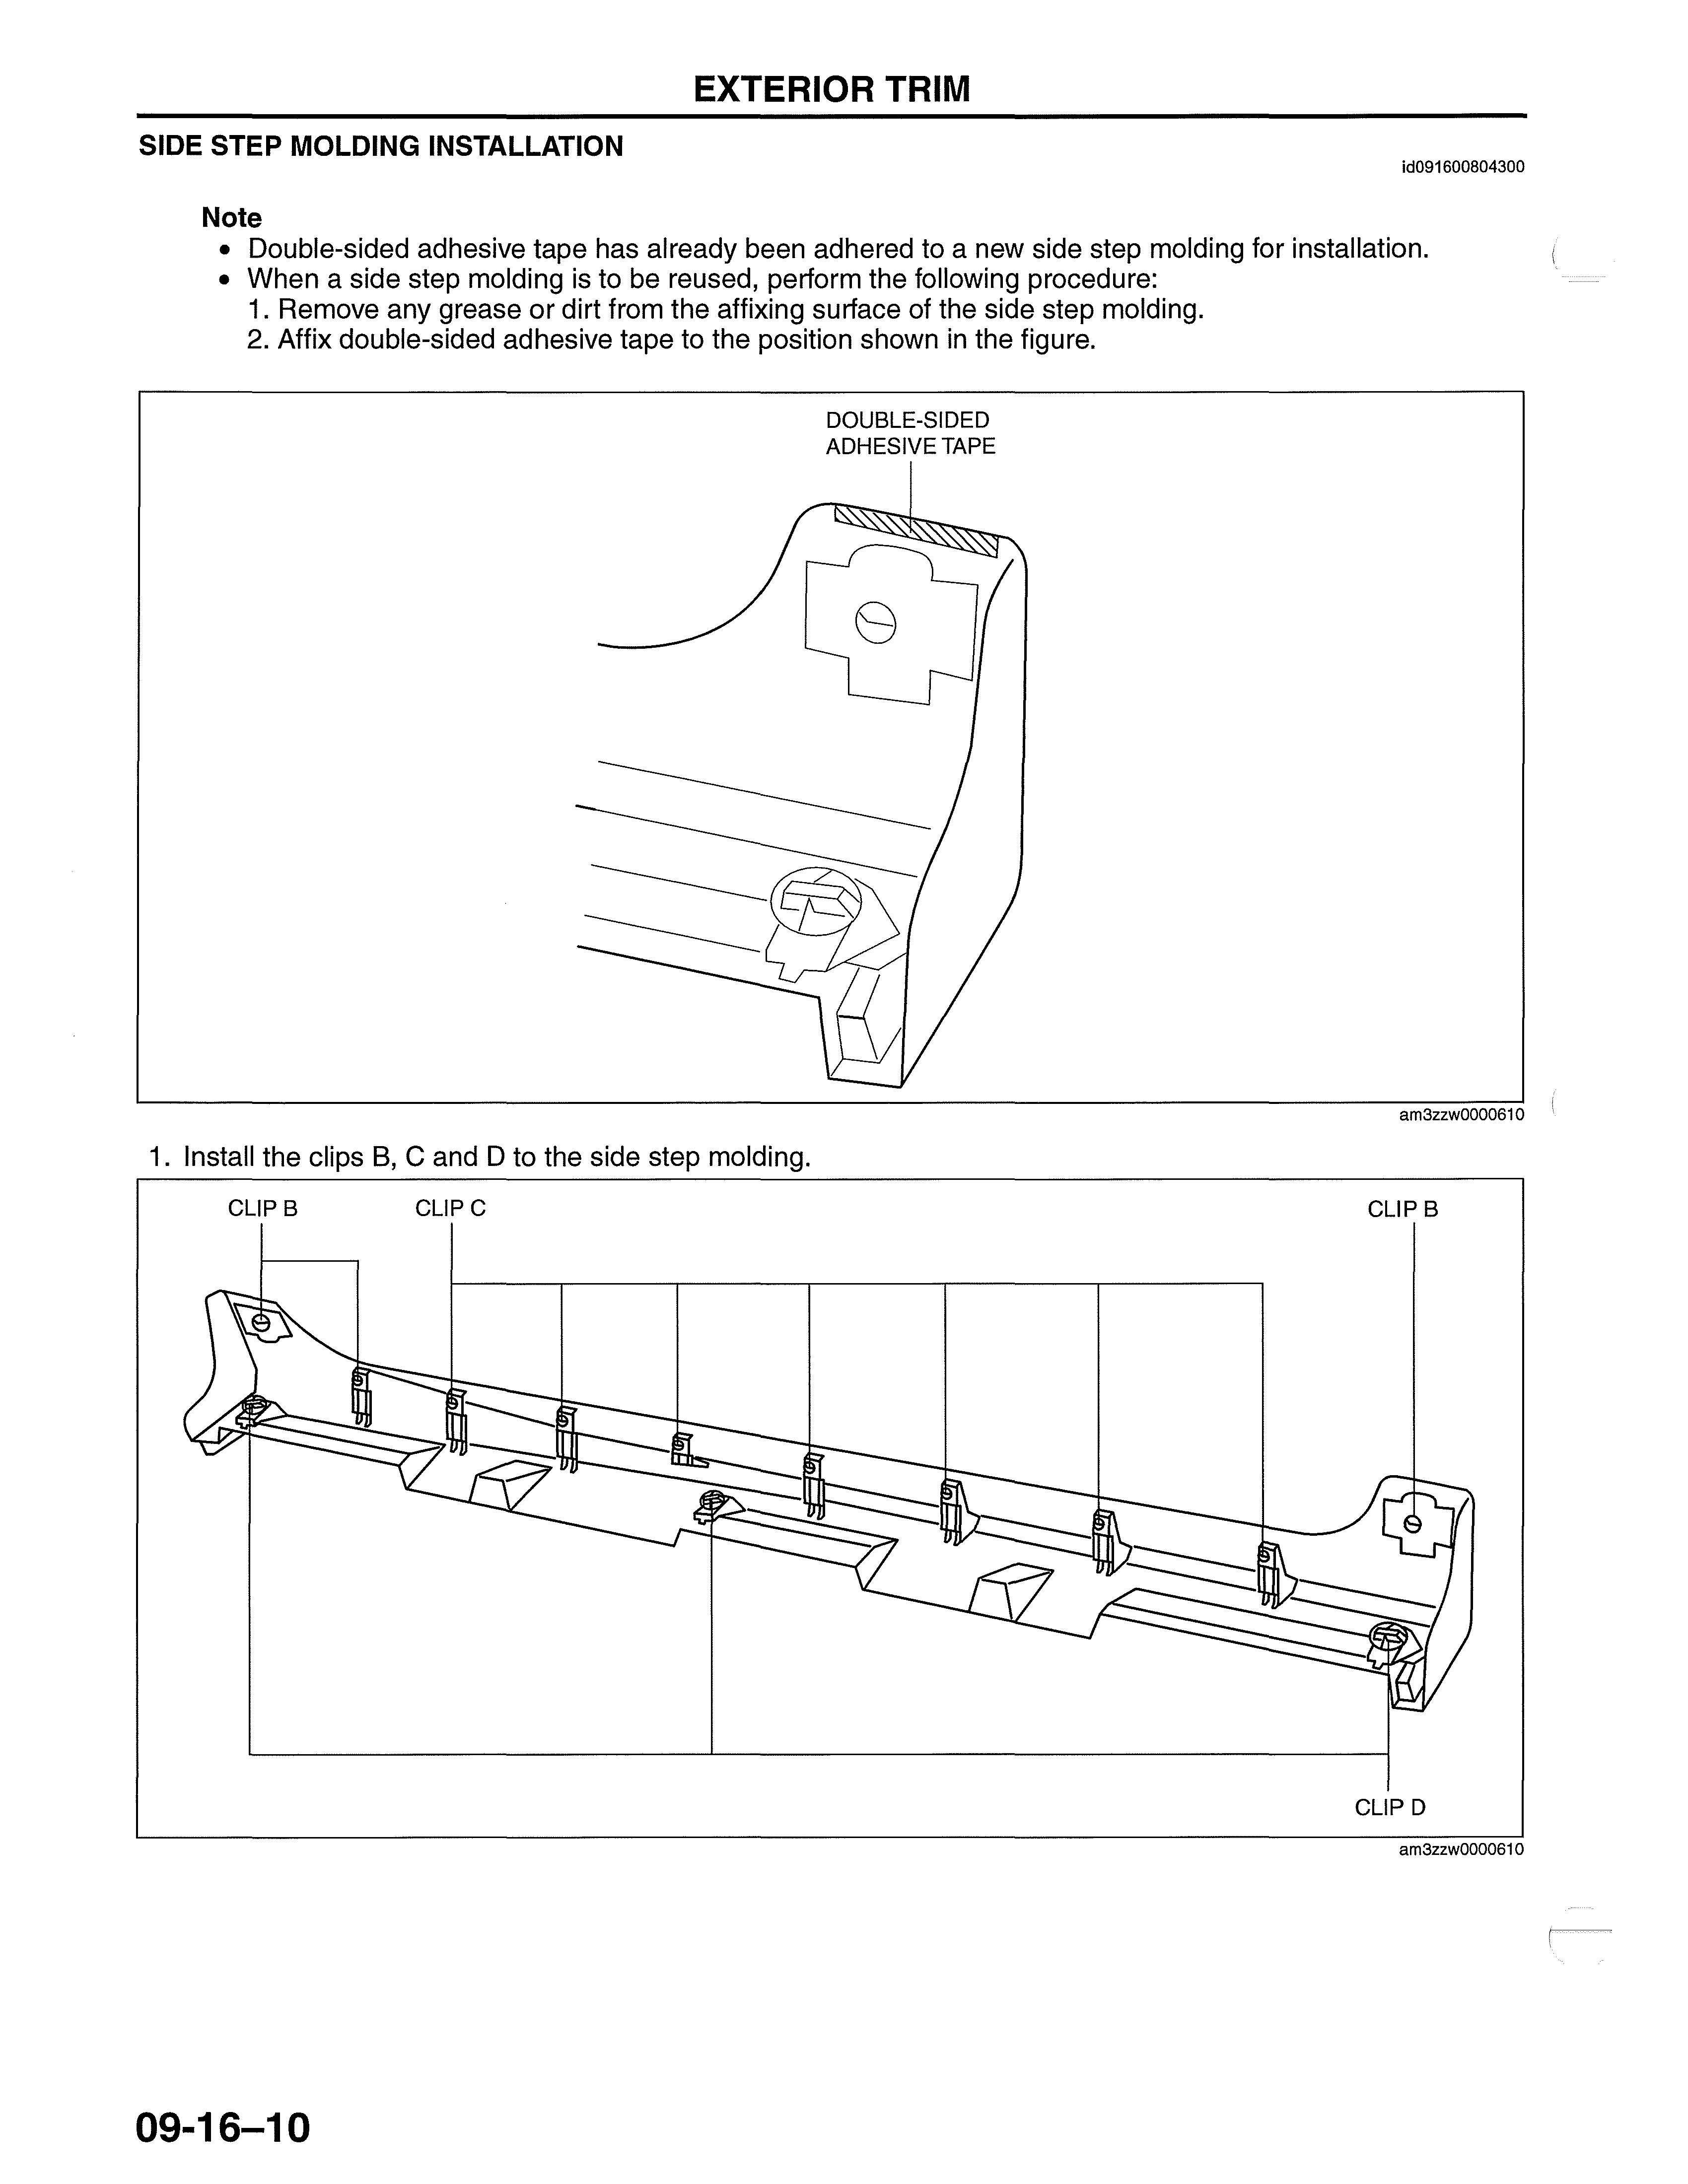 dealer installed side skirts possible future problems. Black Bedroom Furniture Sets. Home Design Ideas